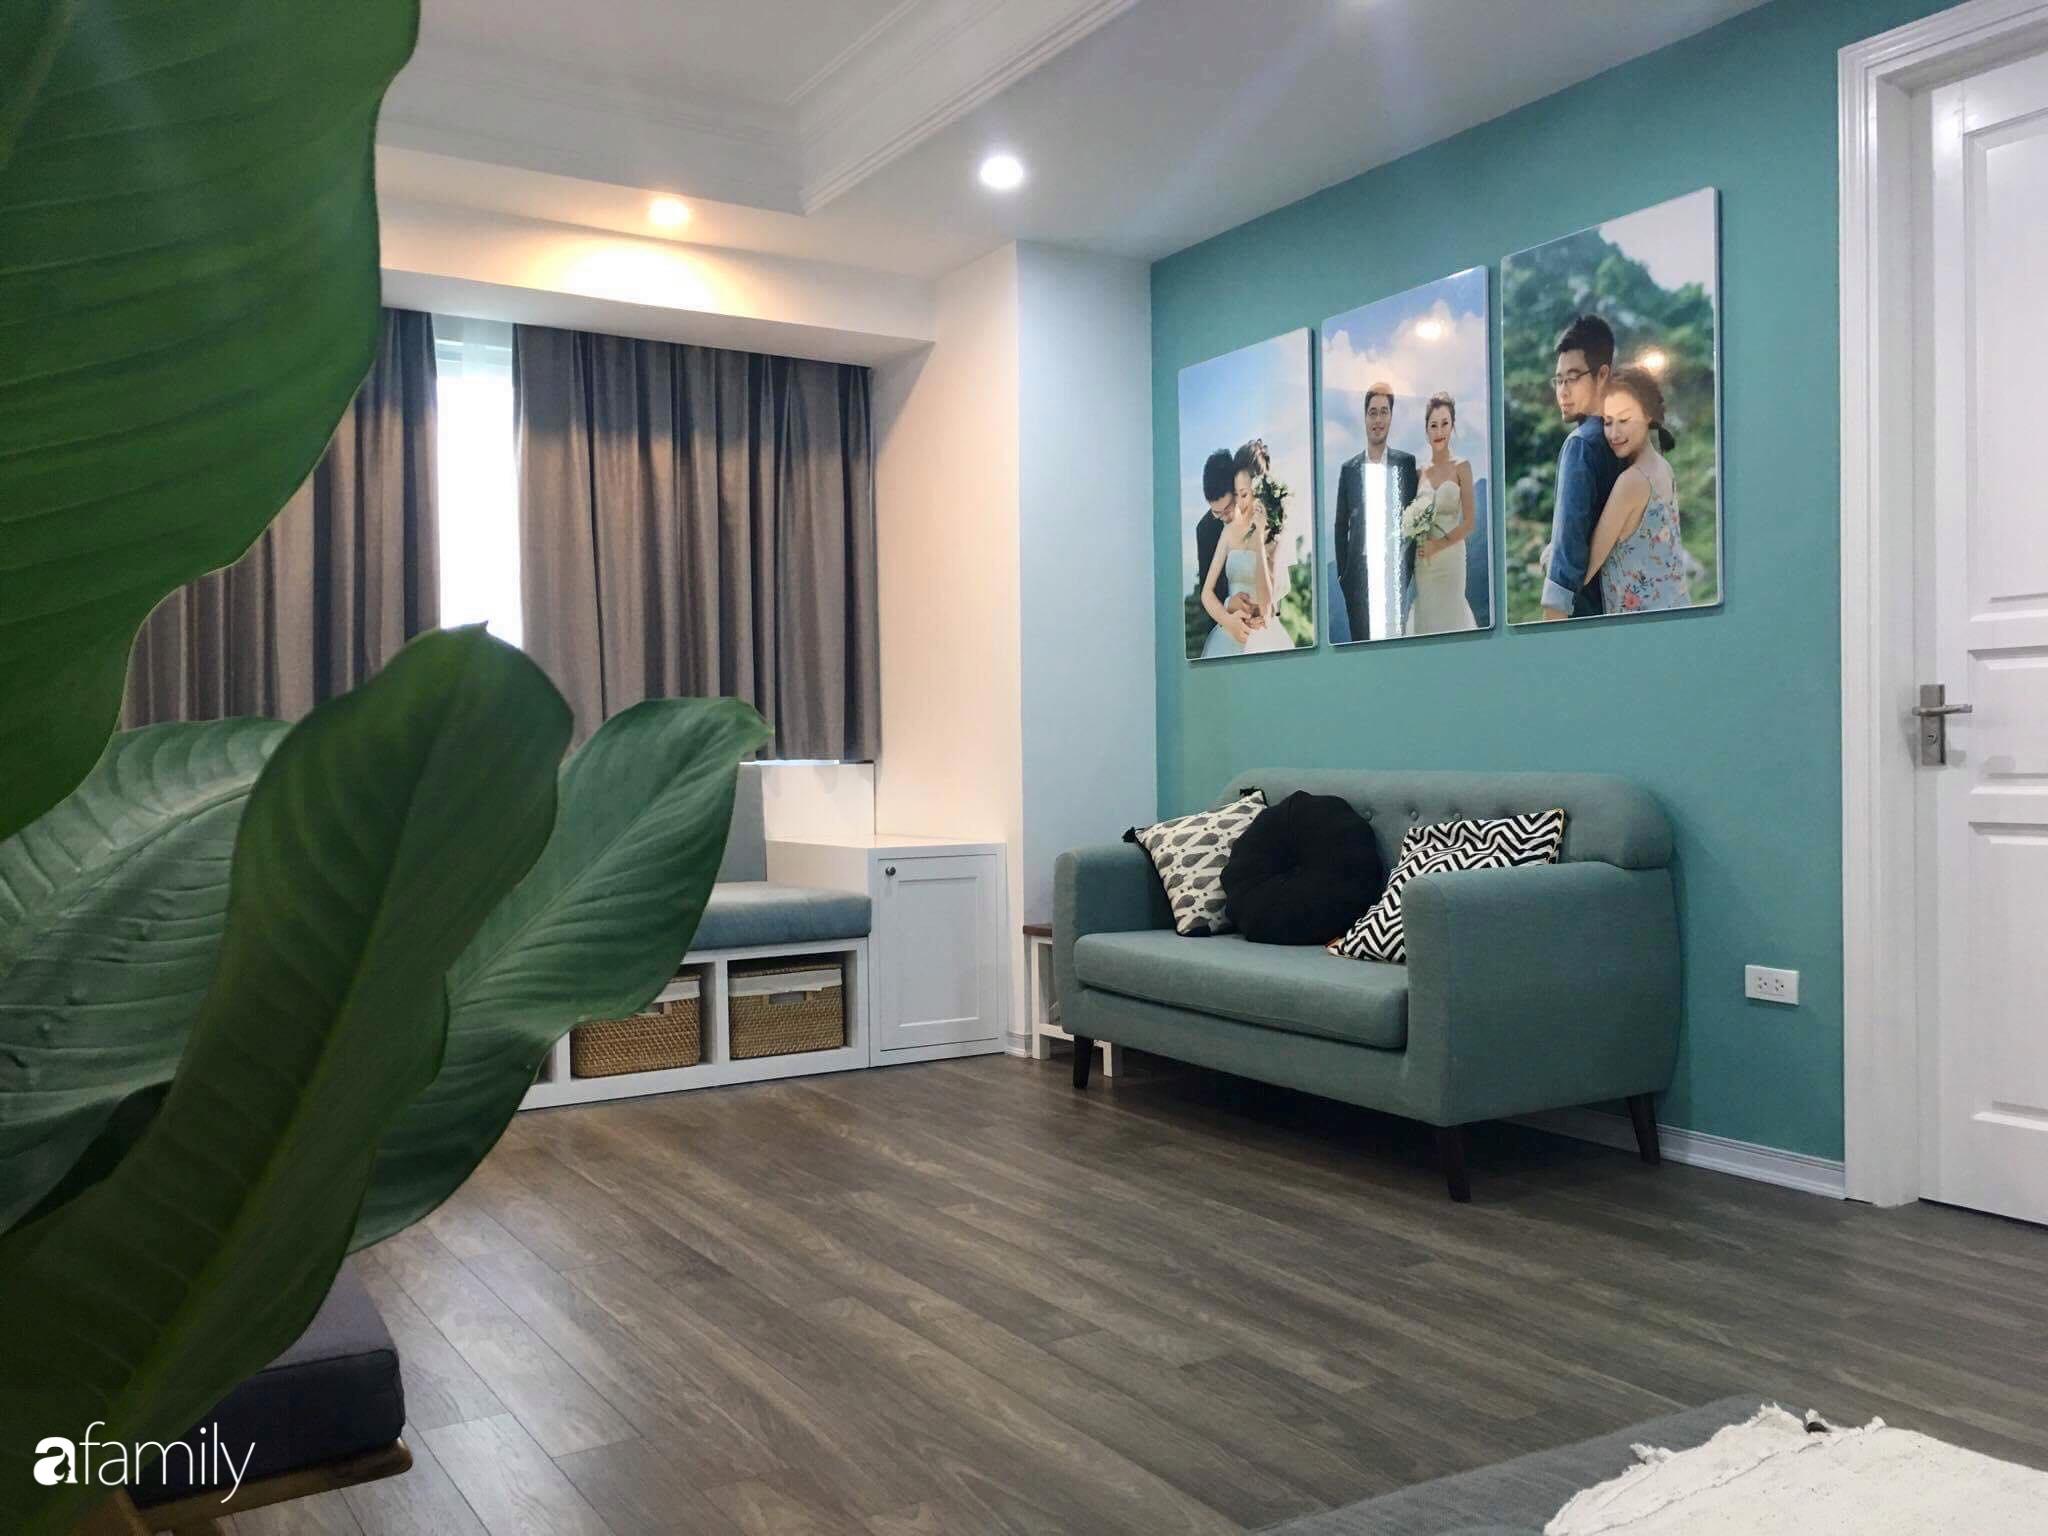 Căn hộ 145m² được décor ấn tượng với điểm nhấn màu xanh ngọc cùng tranh treo tường từ người phụ nữ yêu gia đình ở Hà Nội - Ảnh 9.